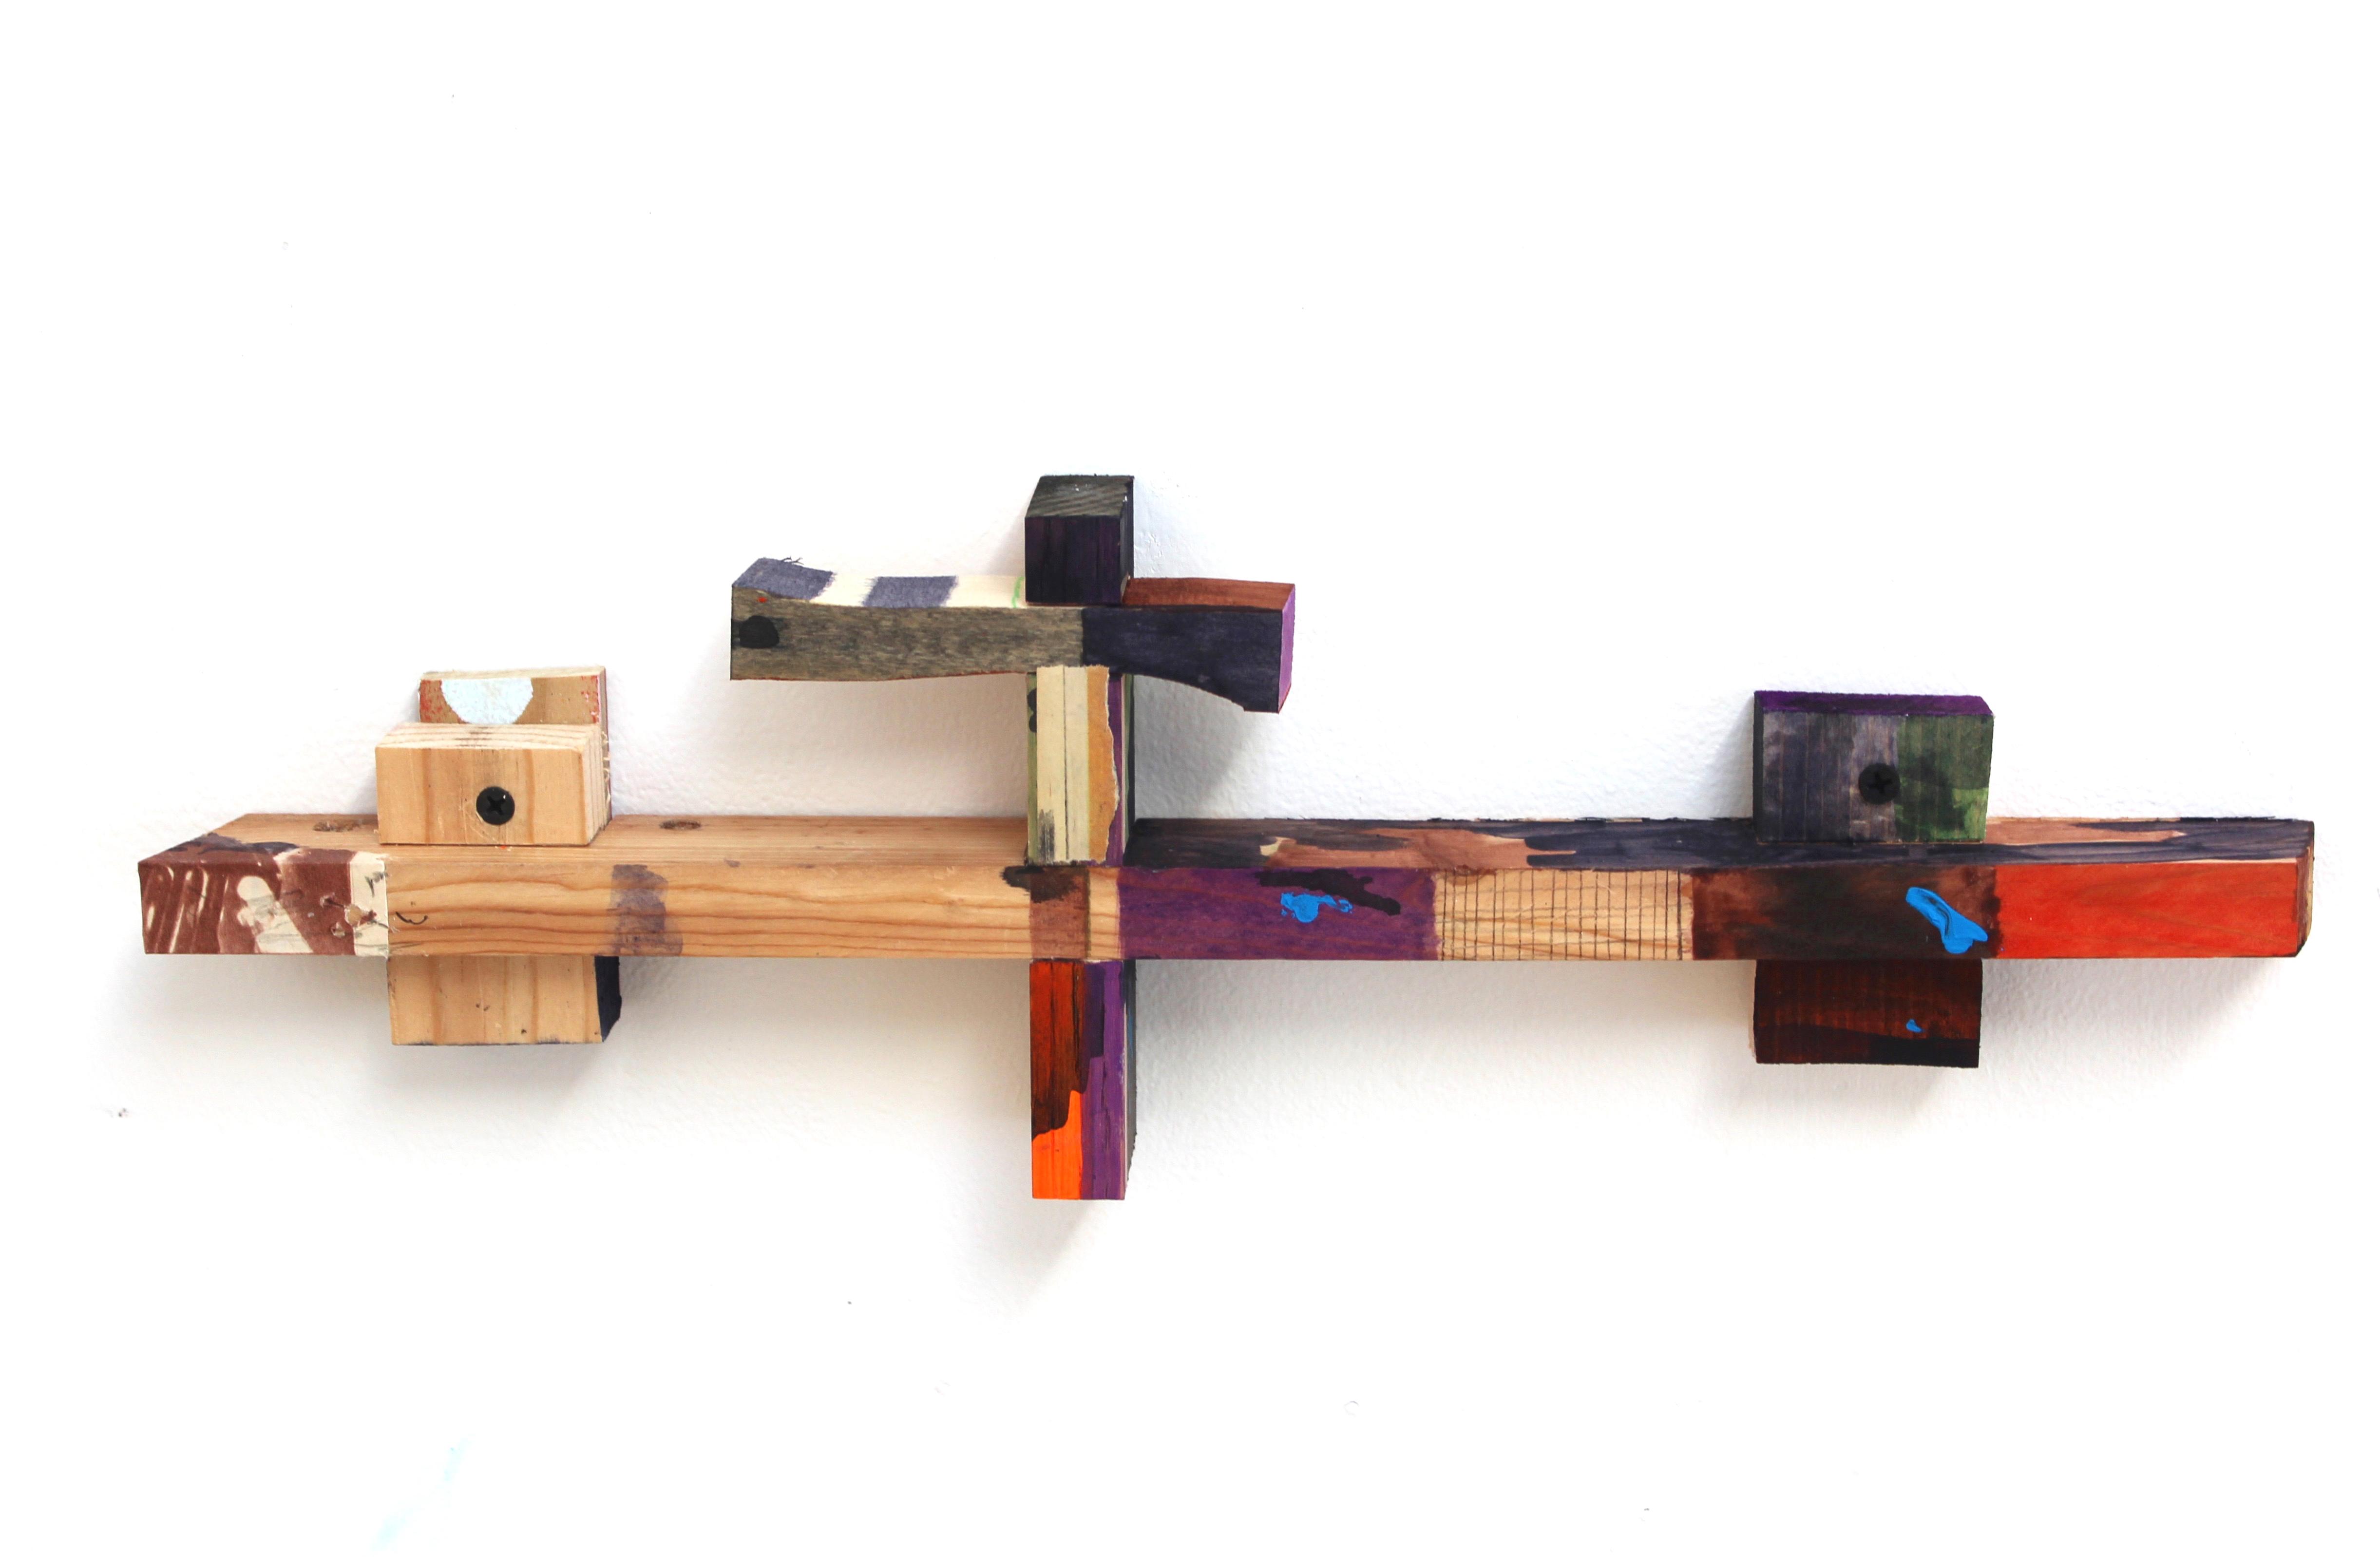 Kevin McNamee-Tweed.<em> Hawk Wind Shelf</em>, 2019. Acrylic and ink on wood, 5 3/4 x 17 1/4 x 1 3/4 inches (14.6 x 43.8 x 4.4 cm)